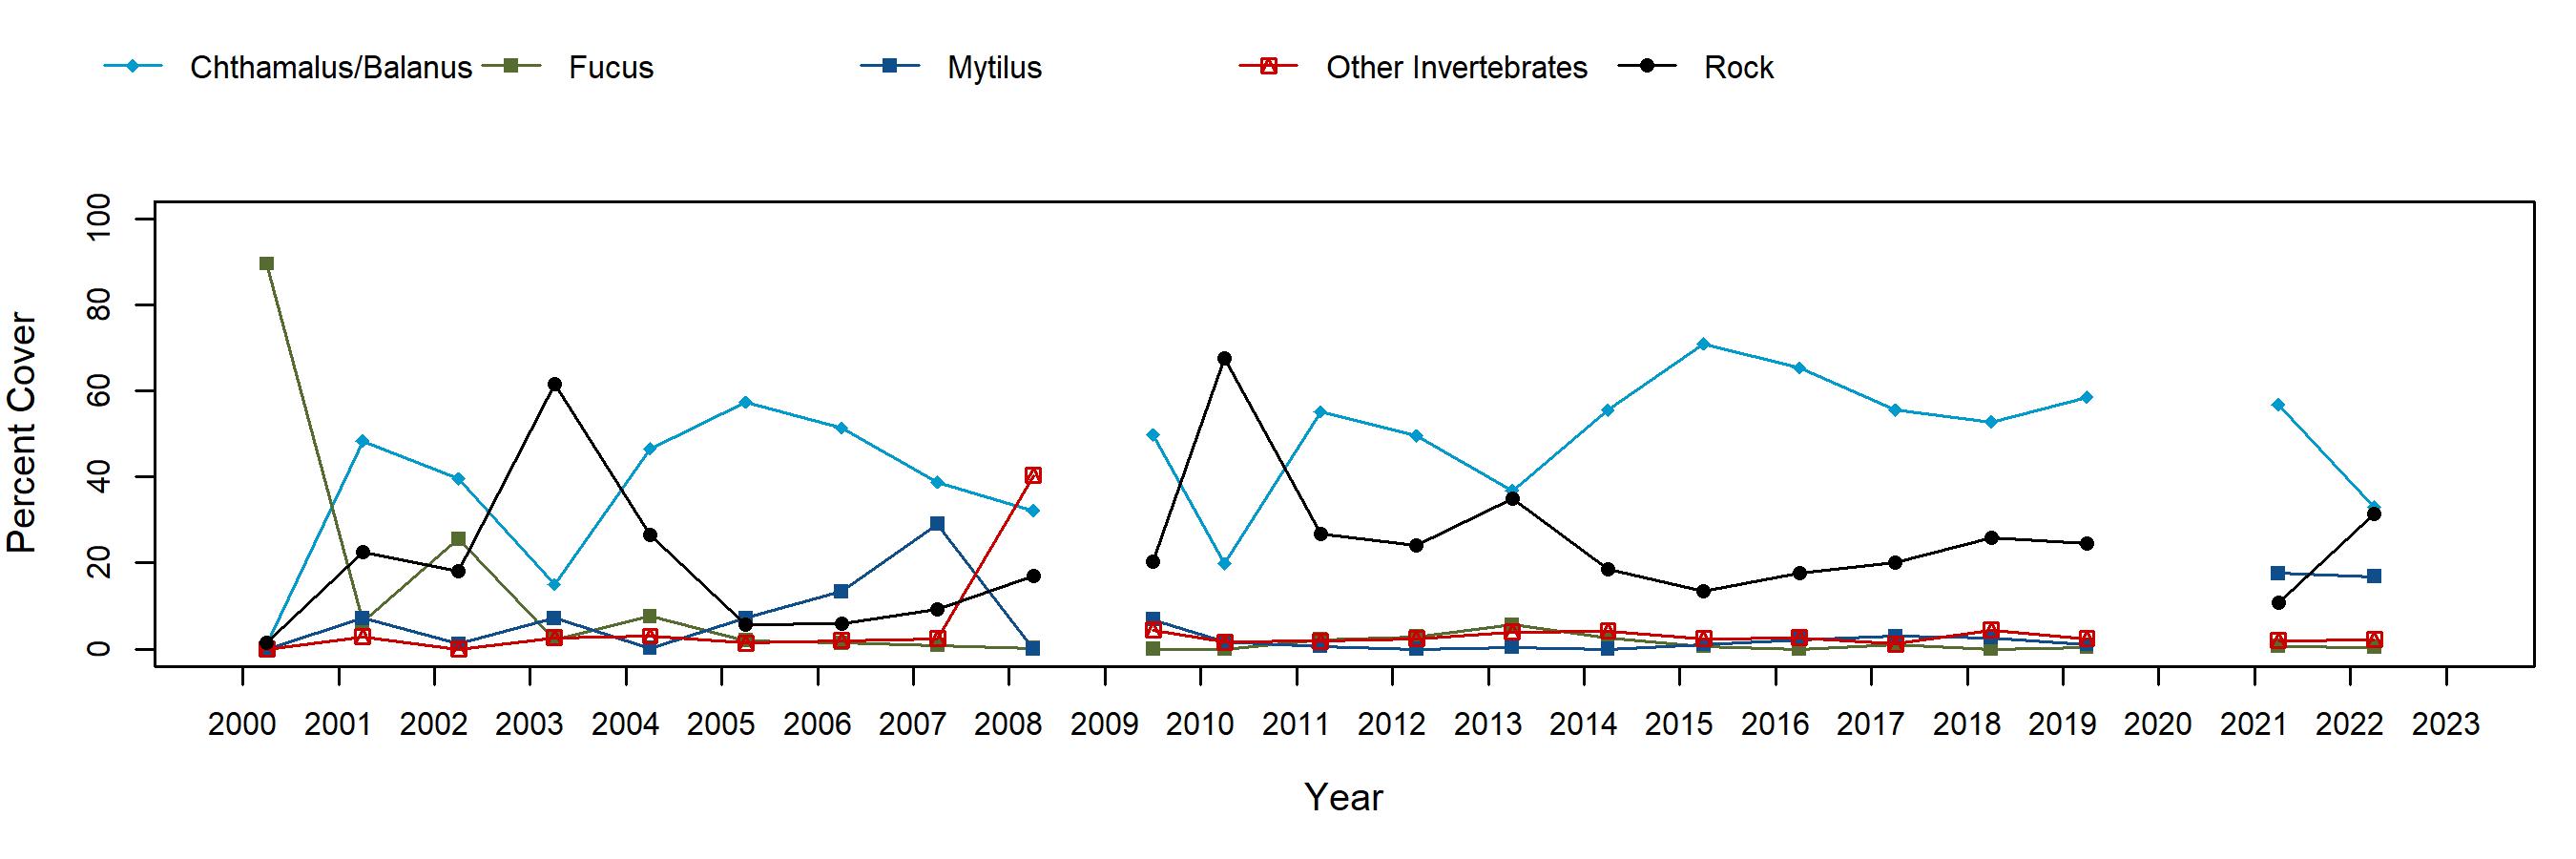 Cape Arago Fucus trend plot